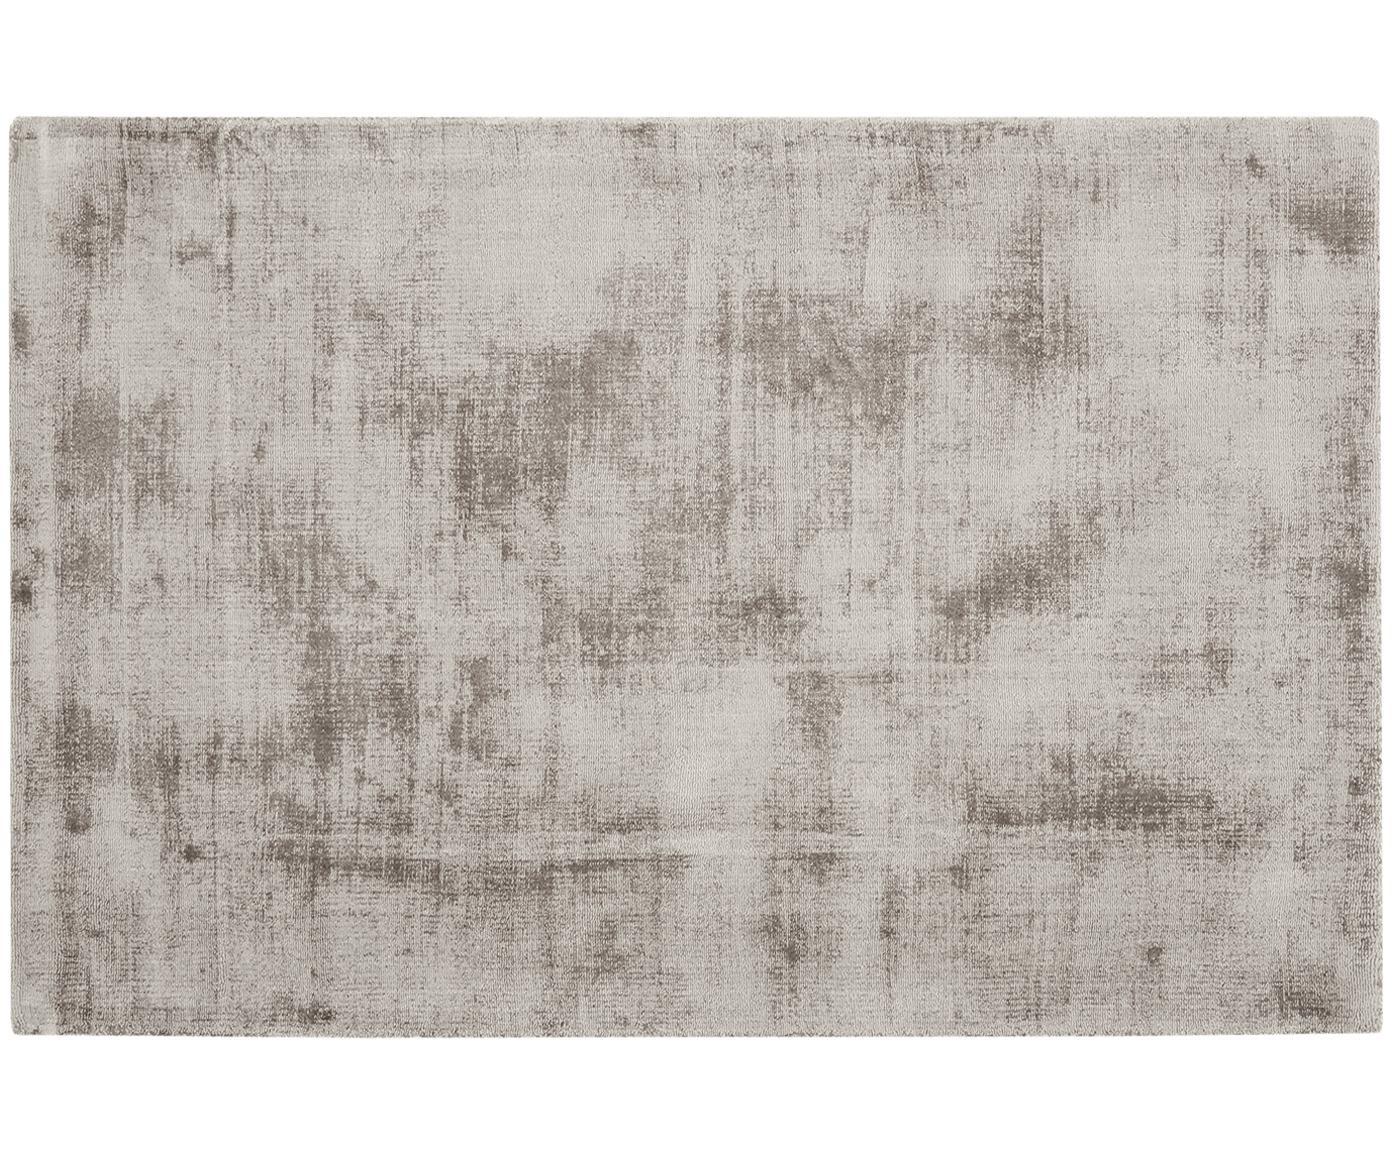 Handgeweven viscose vloerkleed Jane, Bovenzijde: 100% viscose, Onderzijde: 100% katoen, Taupe, 200 x 300 cm